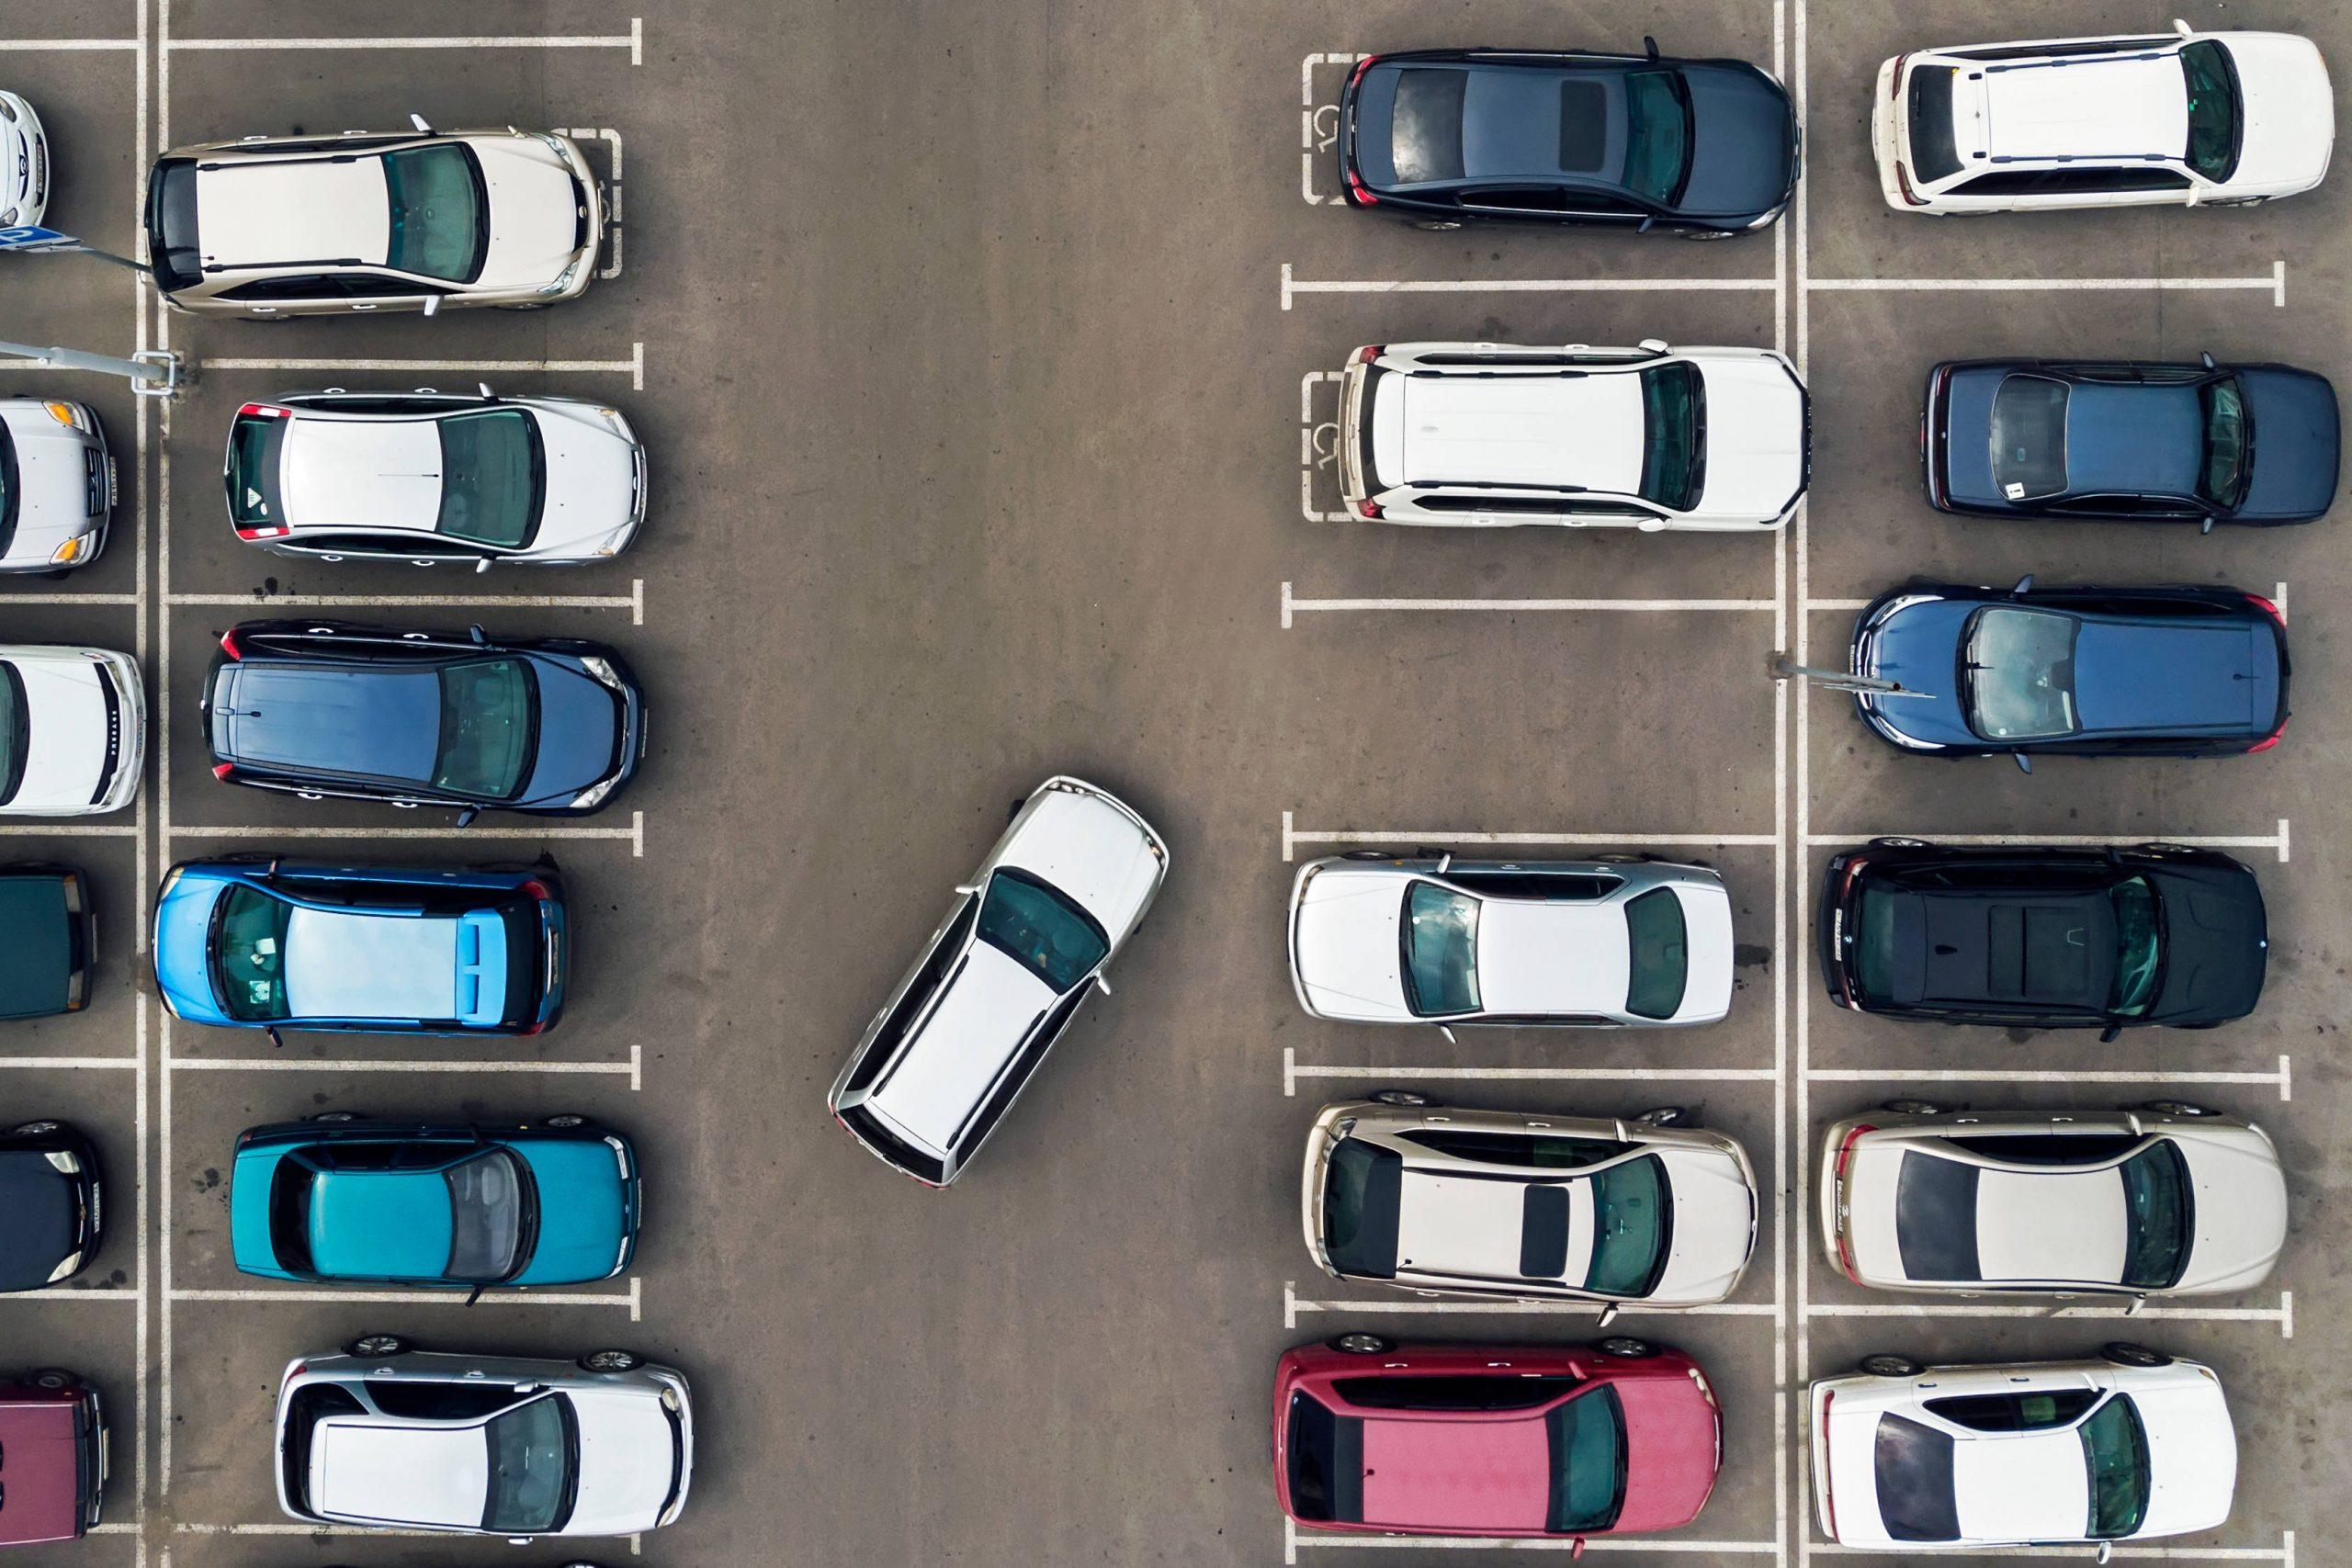 La iniciativa privada, una idea positiva para mejorar el aparcamiento en el centro de las ciudades